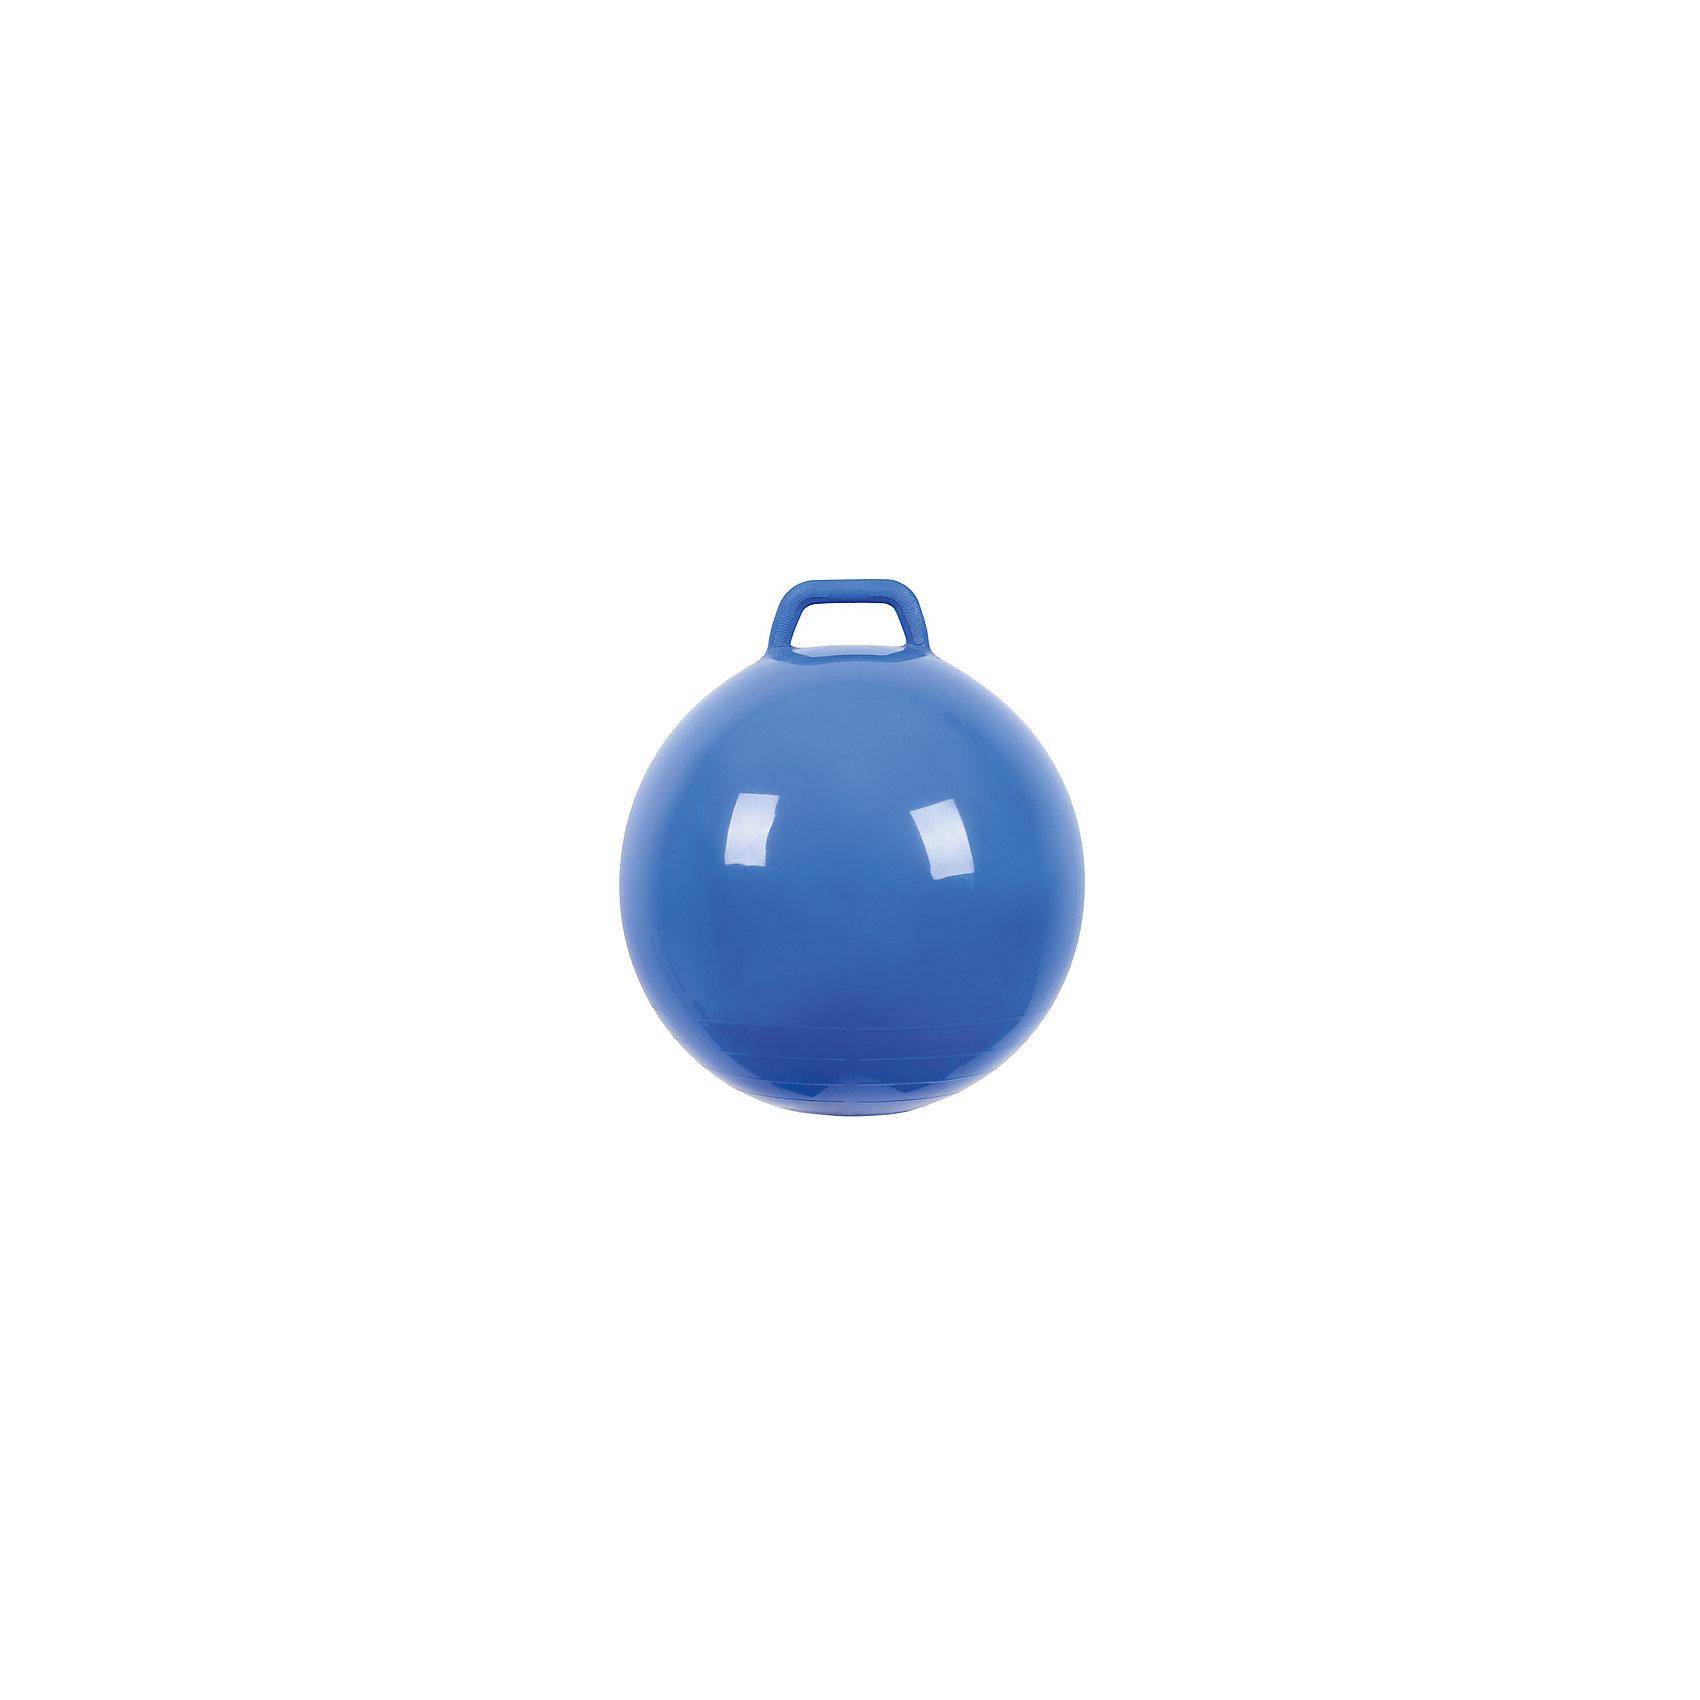 Мяч Прыгун с ручкой, 50 см, синий, МалышОКПрыгуны и джамперы<br><br><br>Ширина мм: 122<br>Глубина мм: 153<br>Высота мм: 254<br>Вес г: 700<br>Возраст от месяцев: 48<br>Возраст до месяцев: 2147483647<br>Пол: Унисекс<br>Возраст: Детский<br>SKU: 6767722